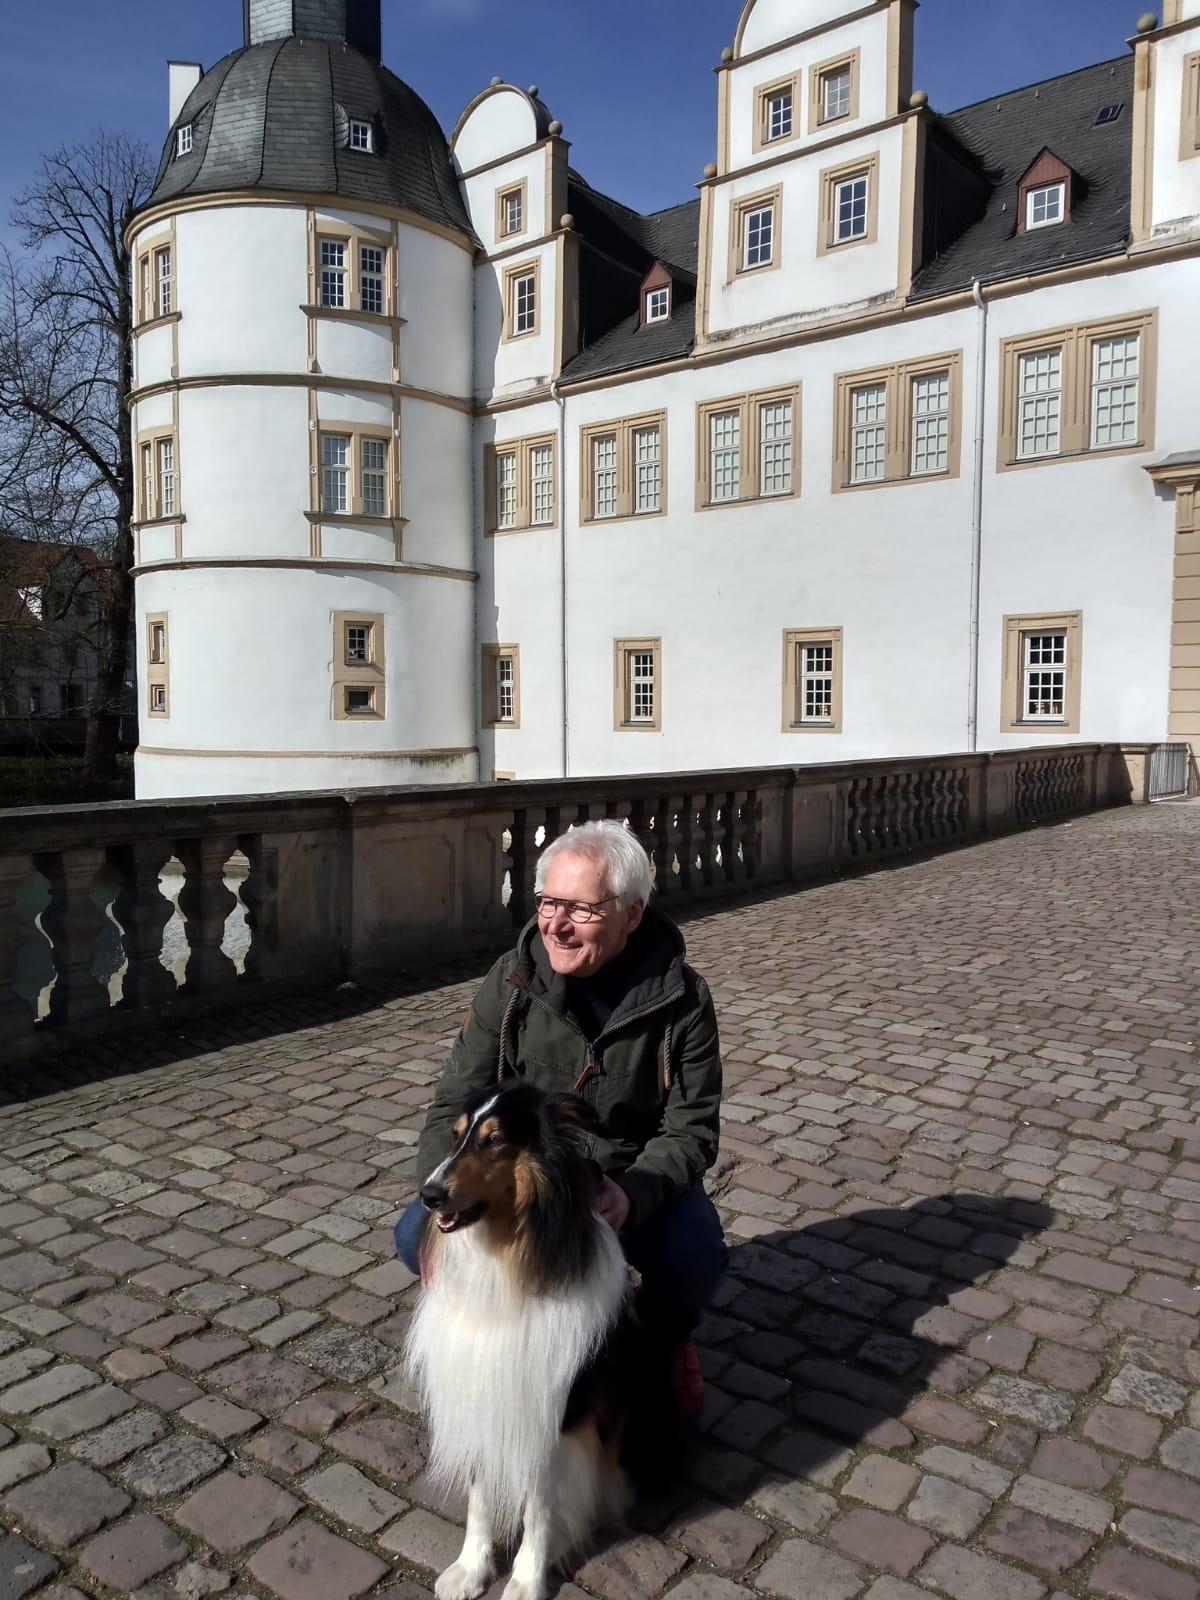 Am Schloss, auch an kälteren Tagen sehr zu empfehlen ...